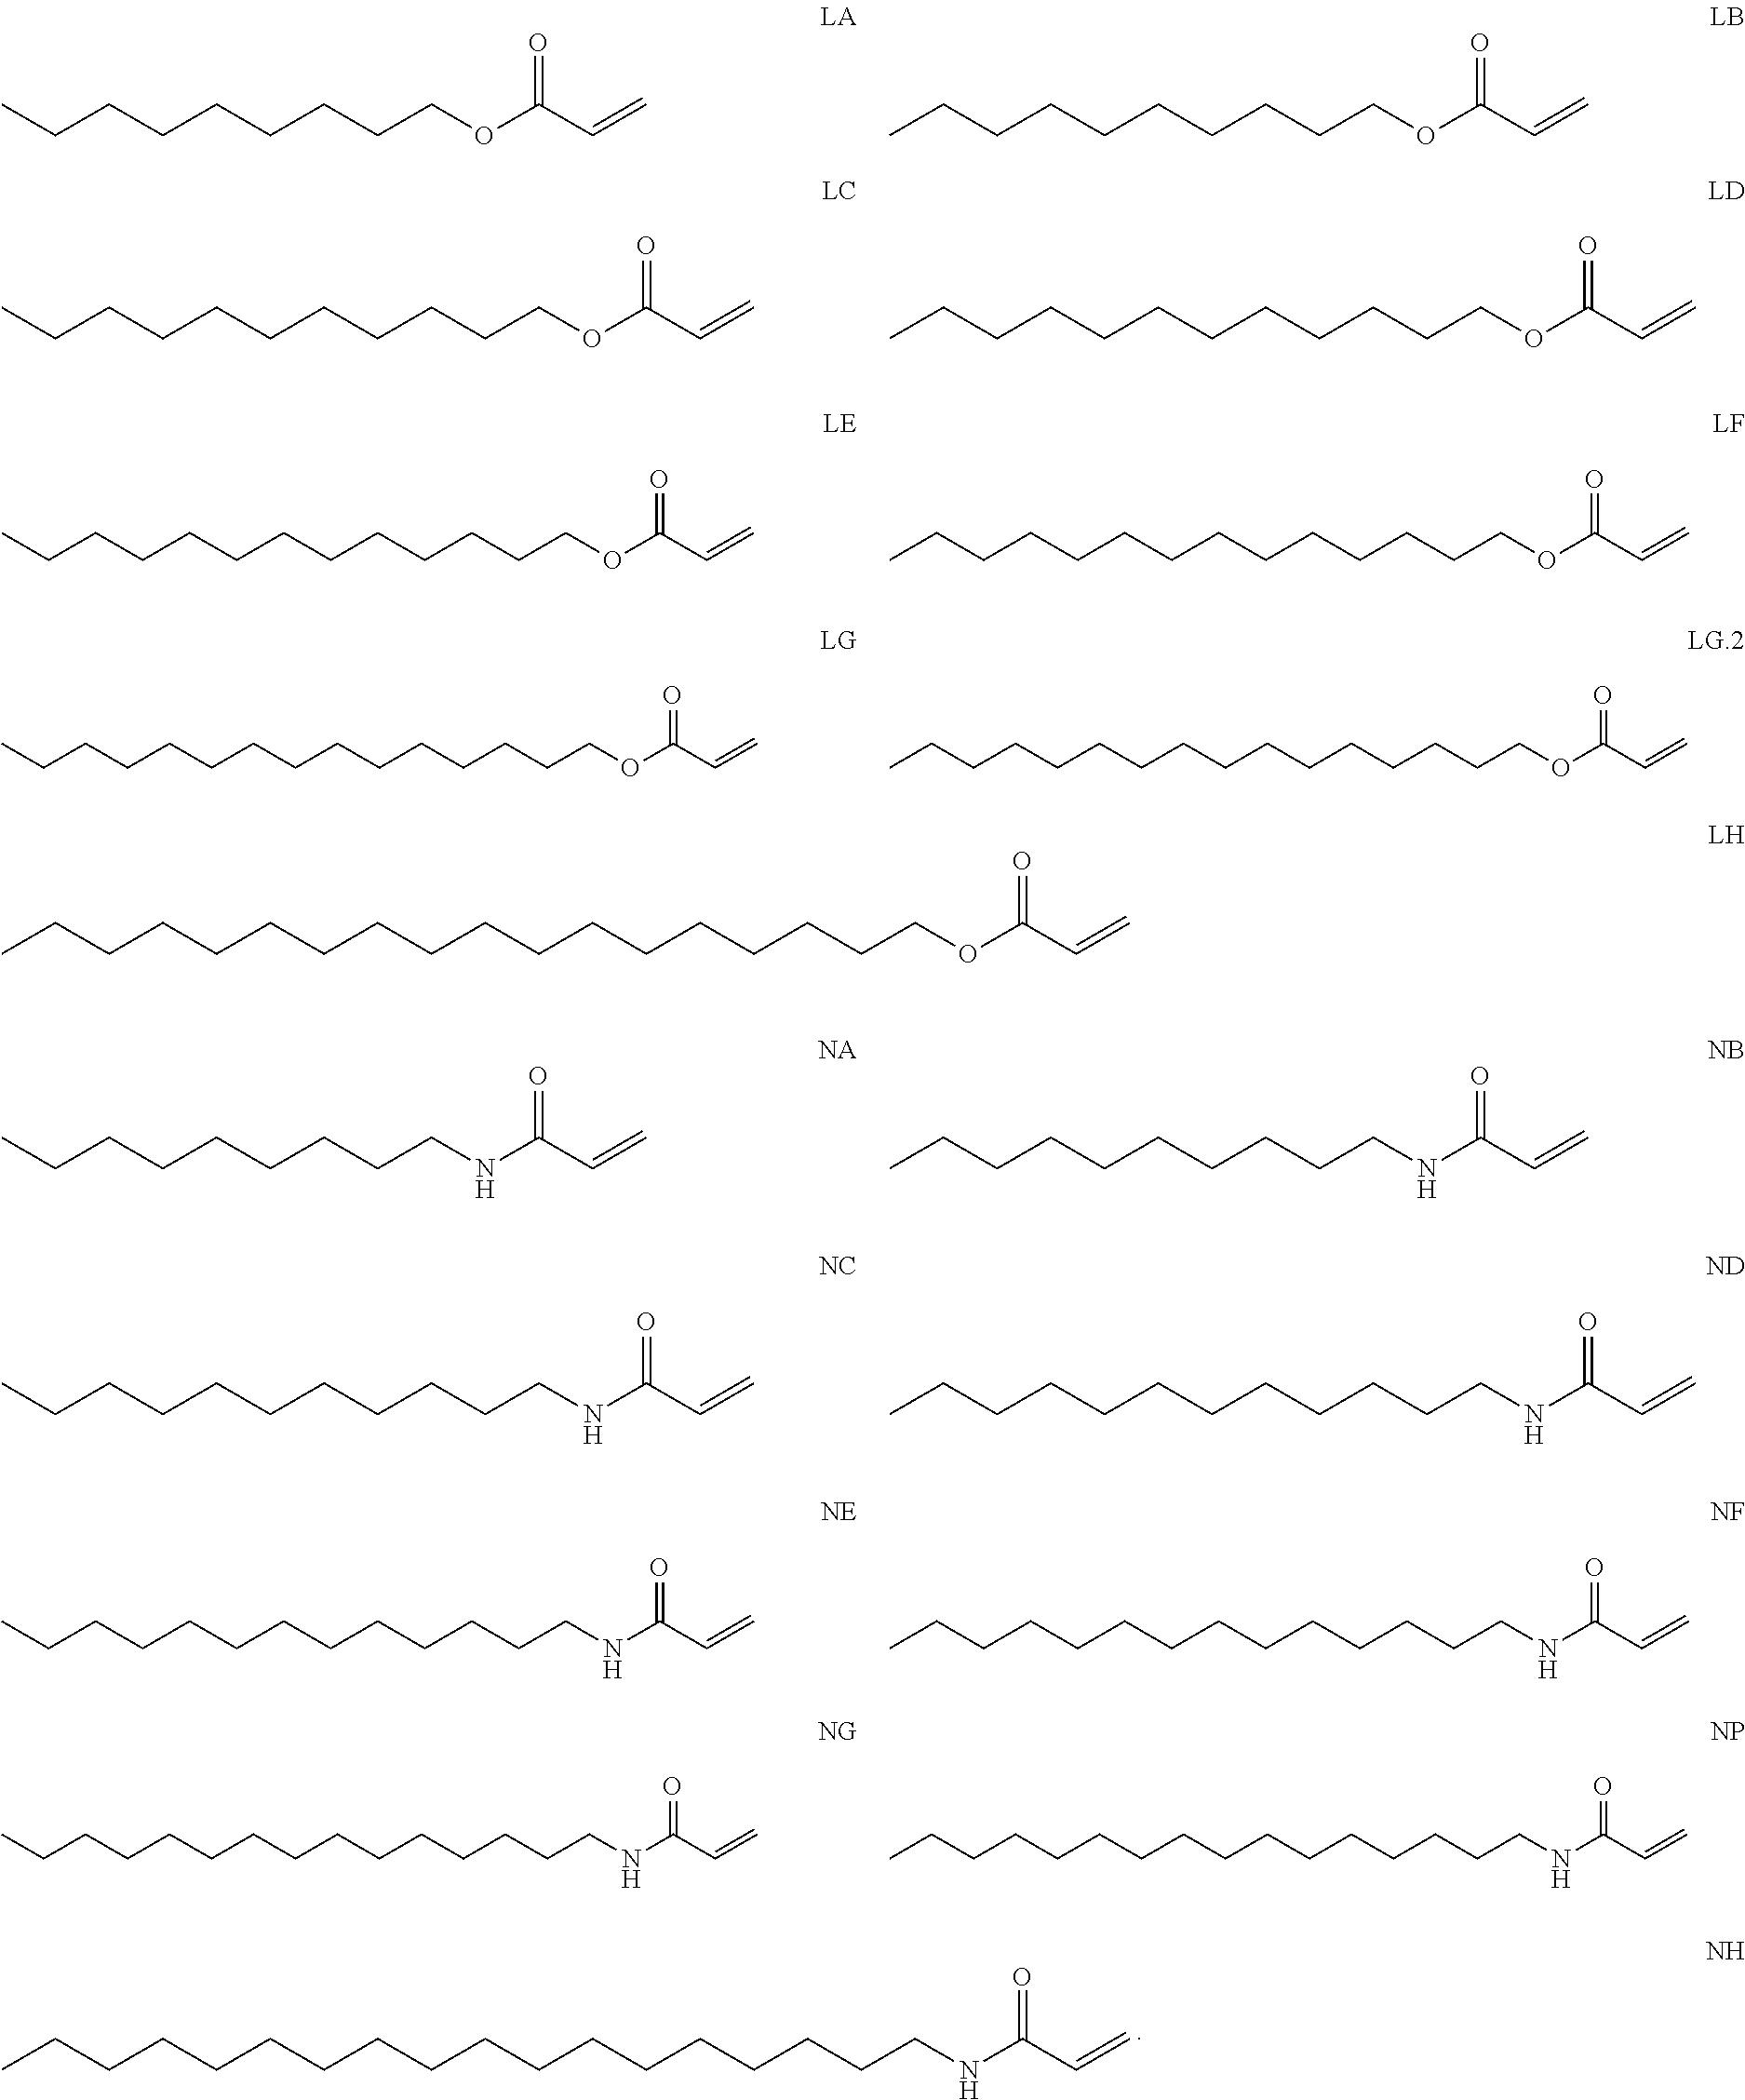 Figure US20110009641A1-20110113-C00130